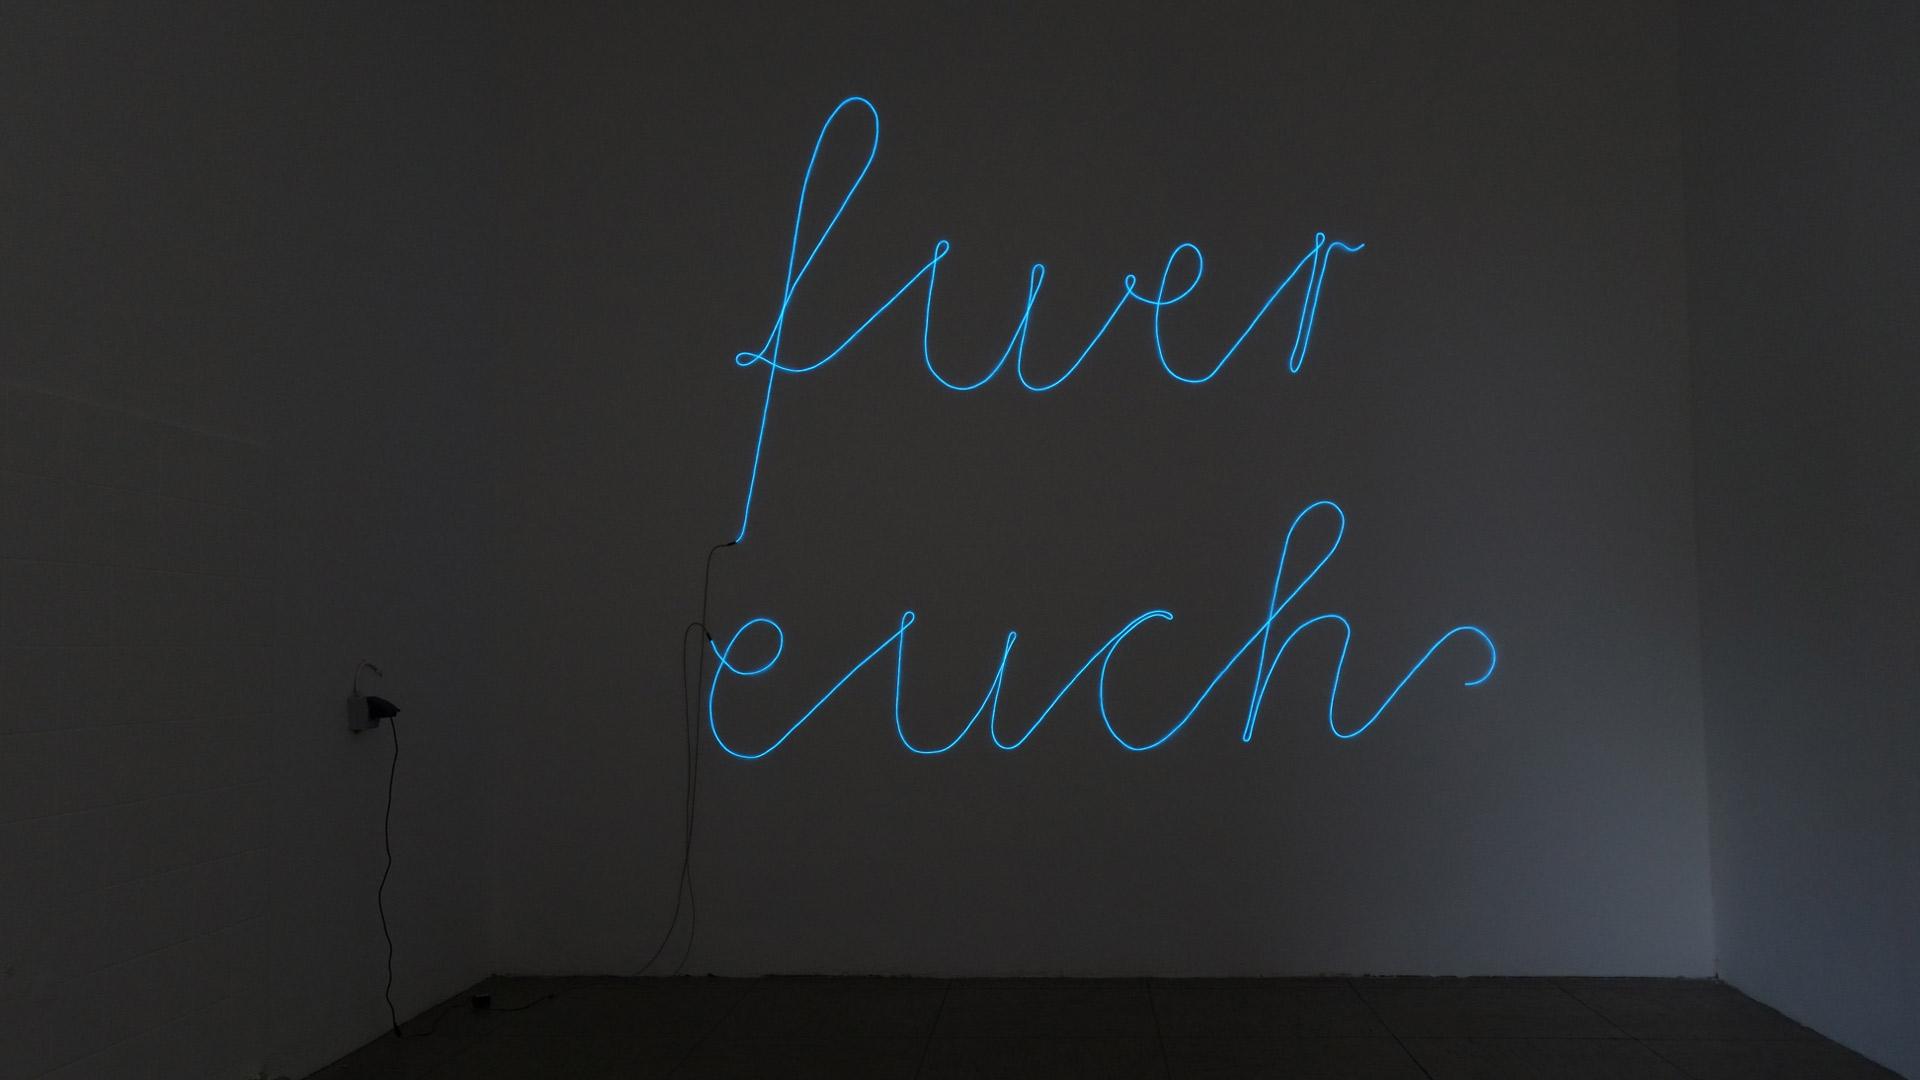 FUER EUCH, EL Leuchtschnur, 2016 | Stephan Wiesen